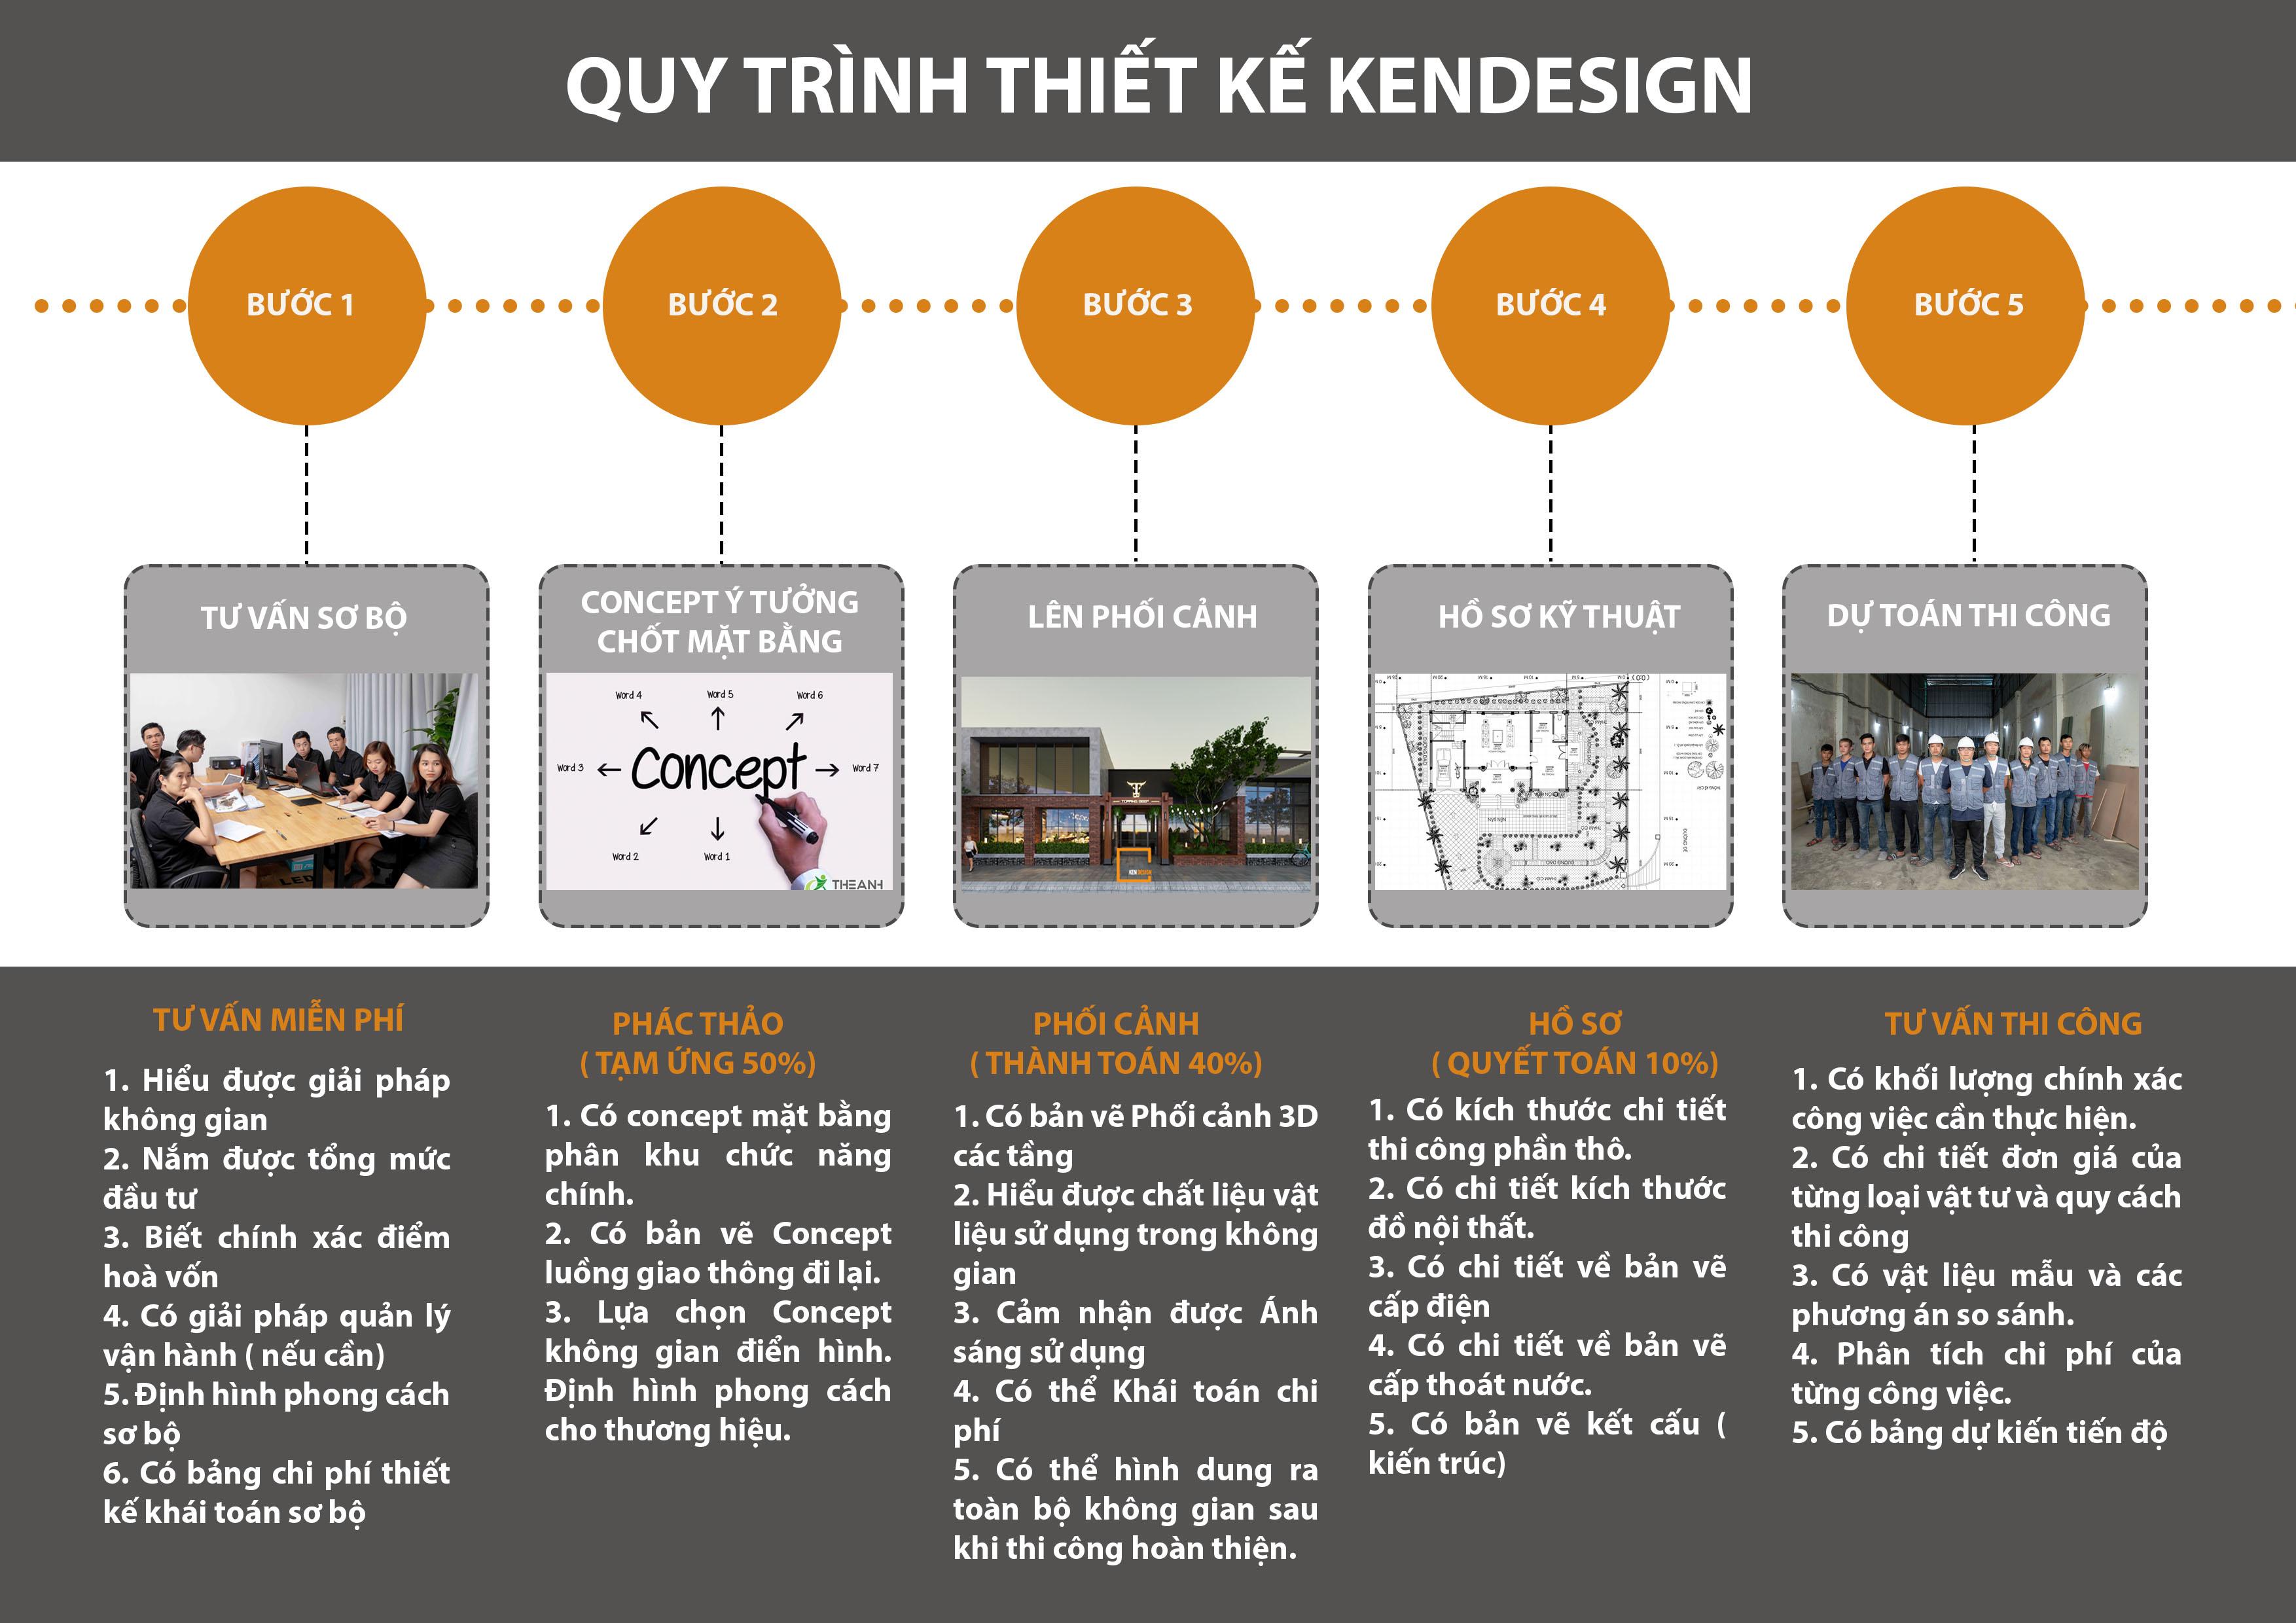 Quy trình thiết kế